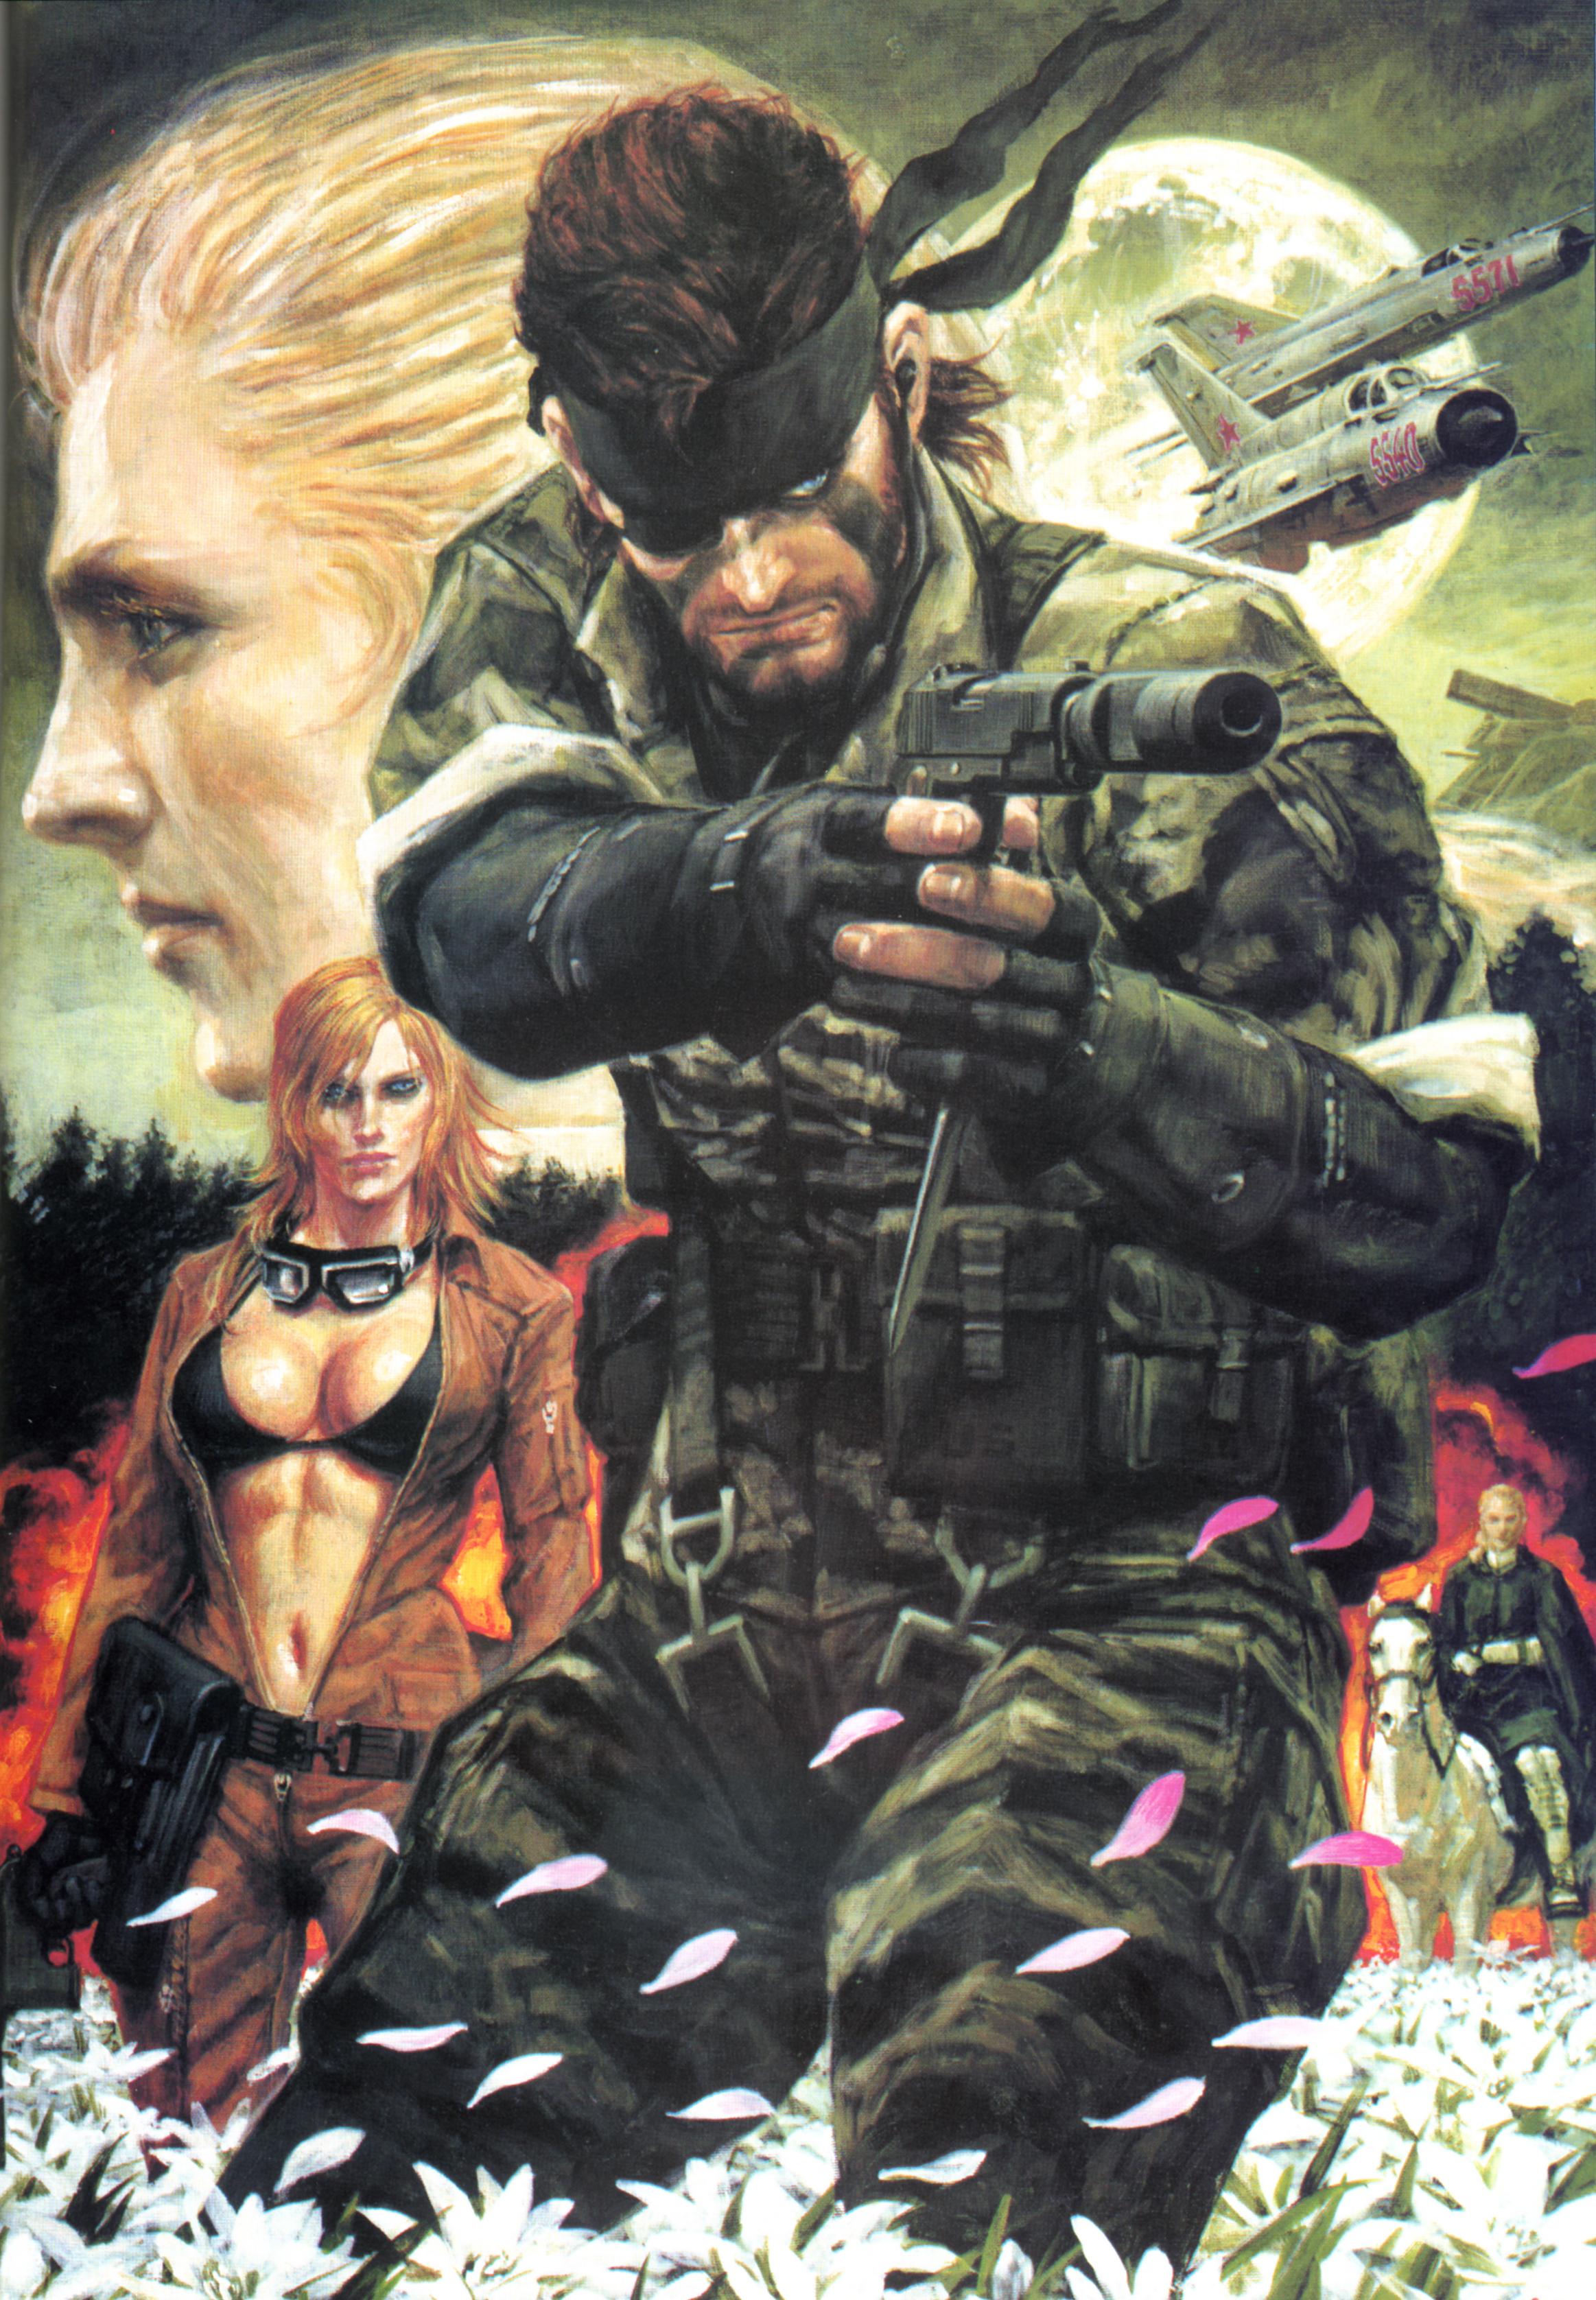 Metal Gear Solid Mobile Wallpaper 887157 Zerochan Anime Image Board